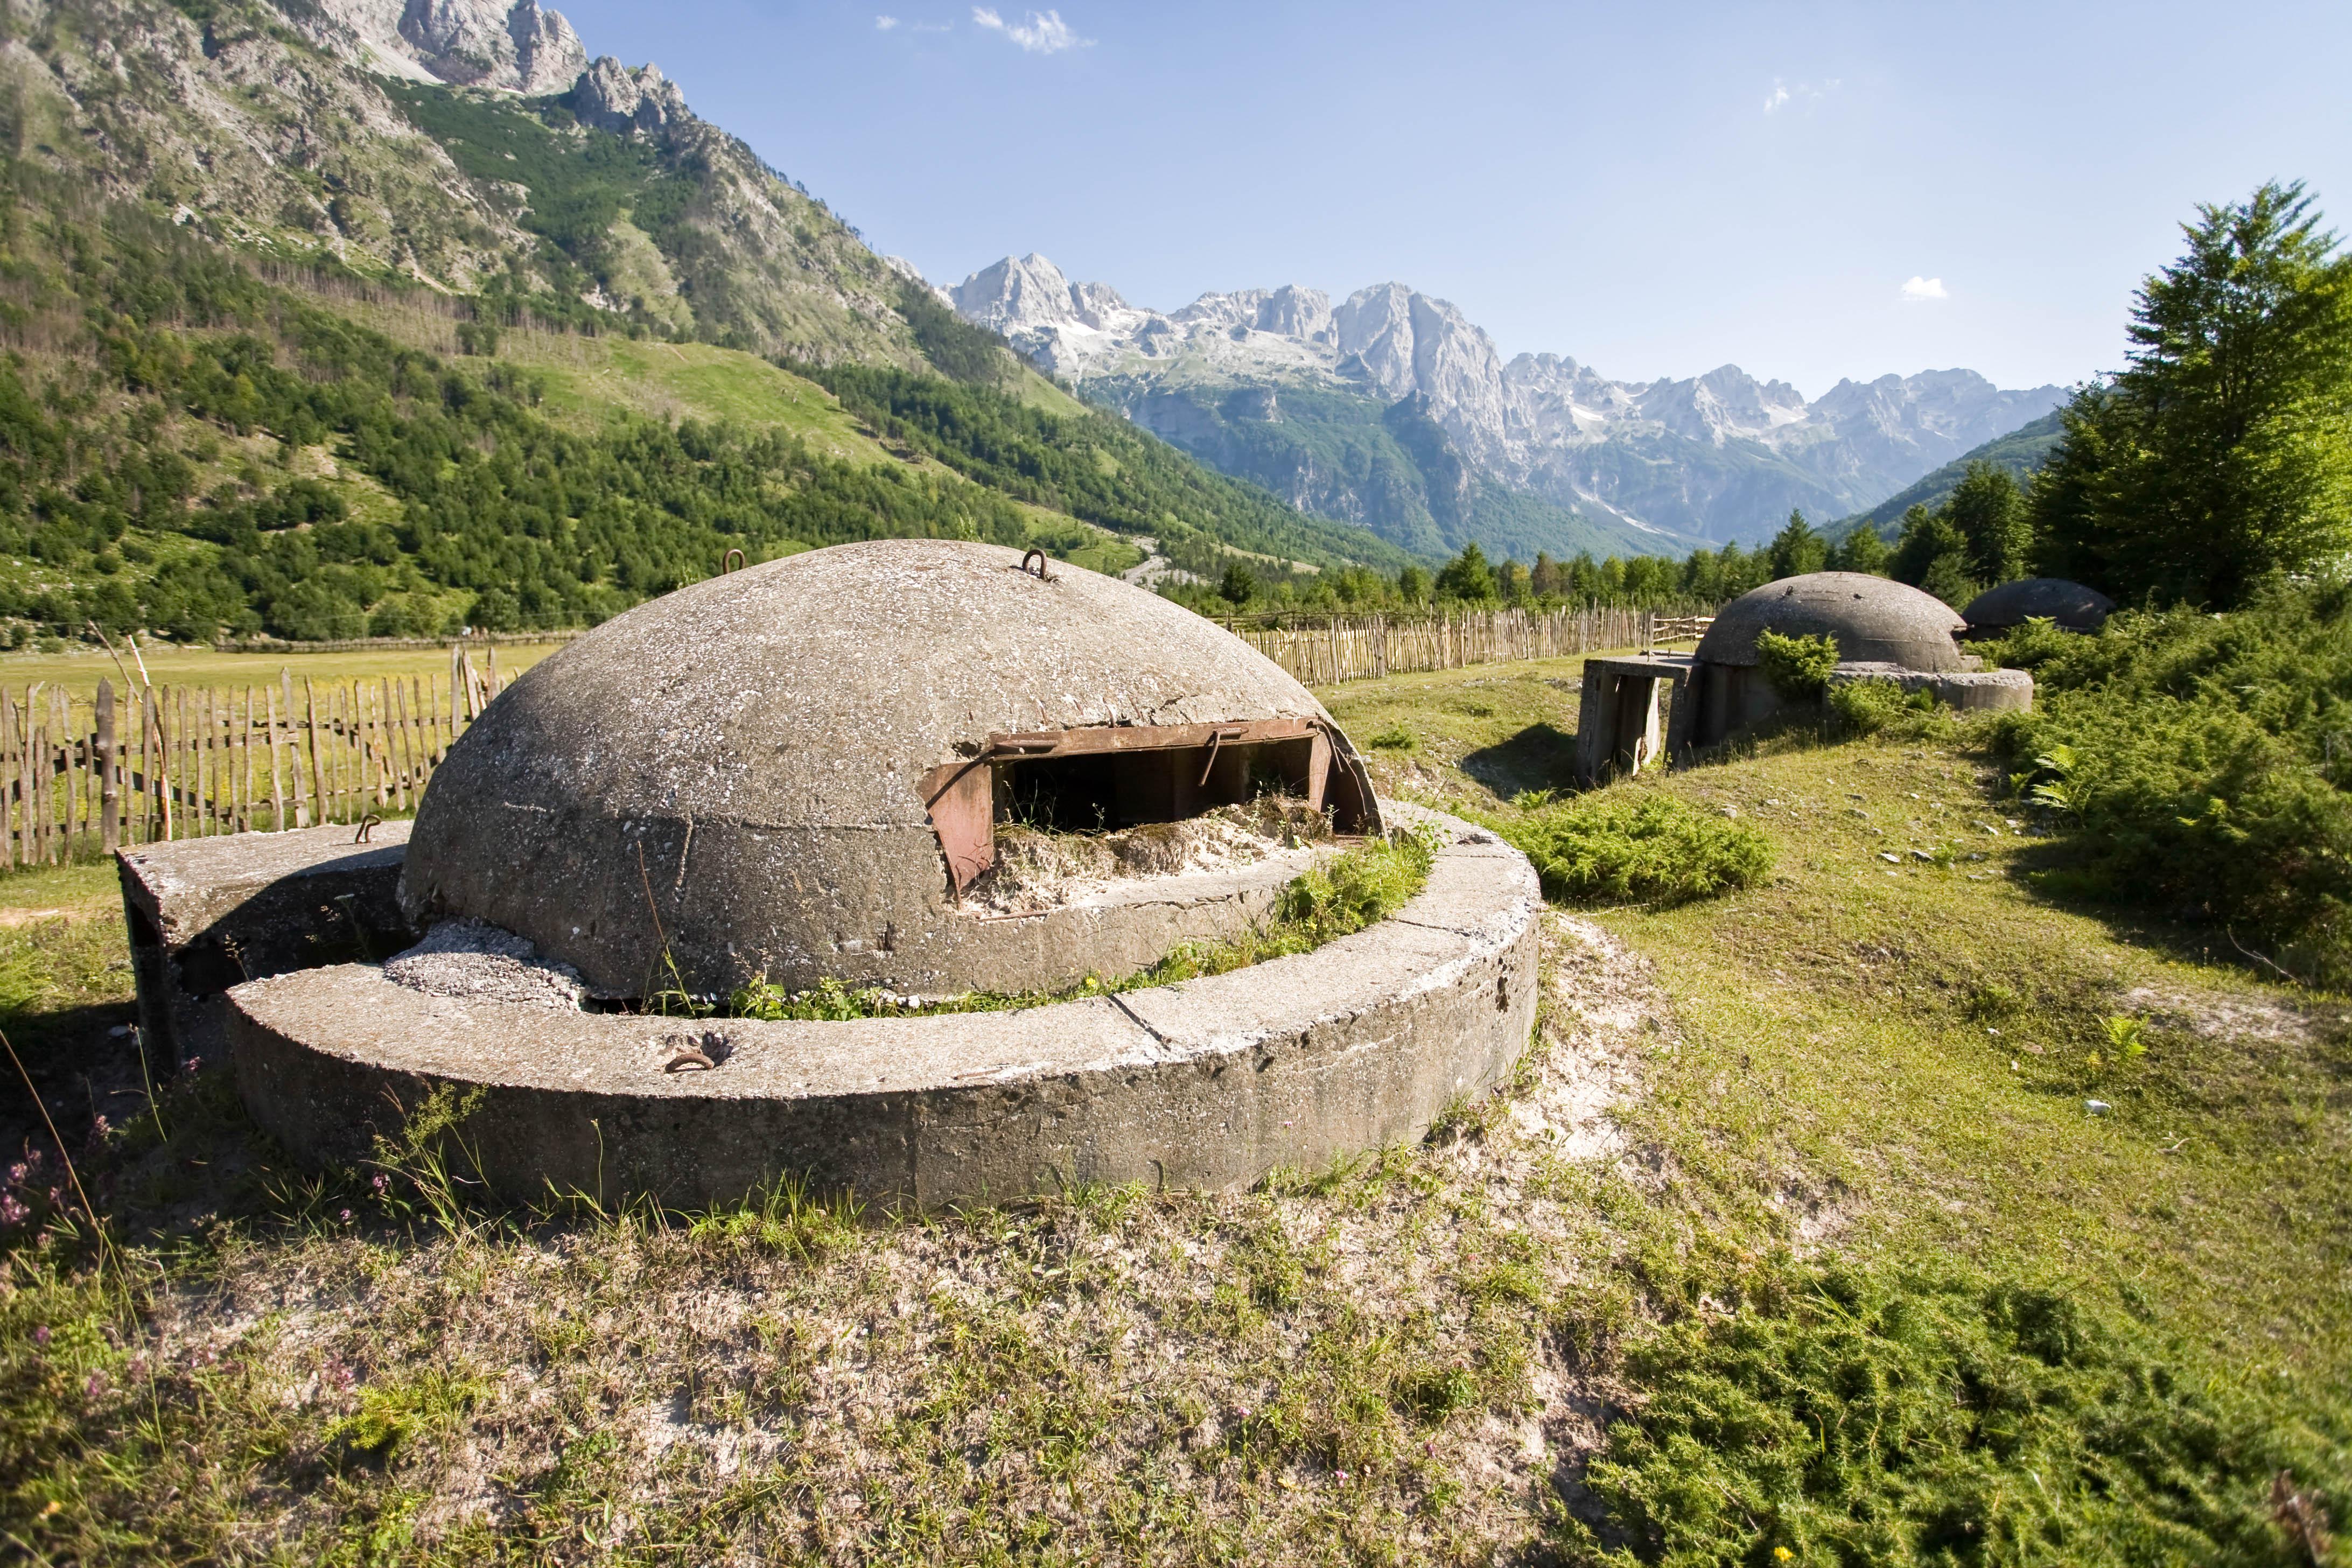 albanien ein echter urlaubs geheimtipp. Black Bedroom Furniture Sets. Home Design Ideas